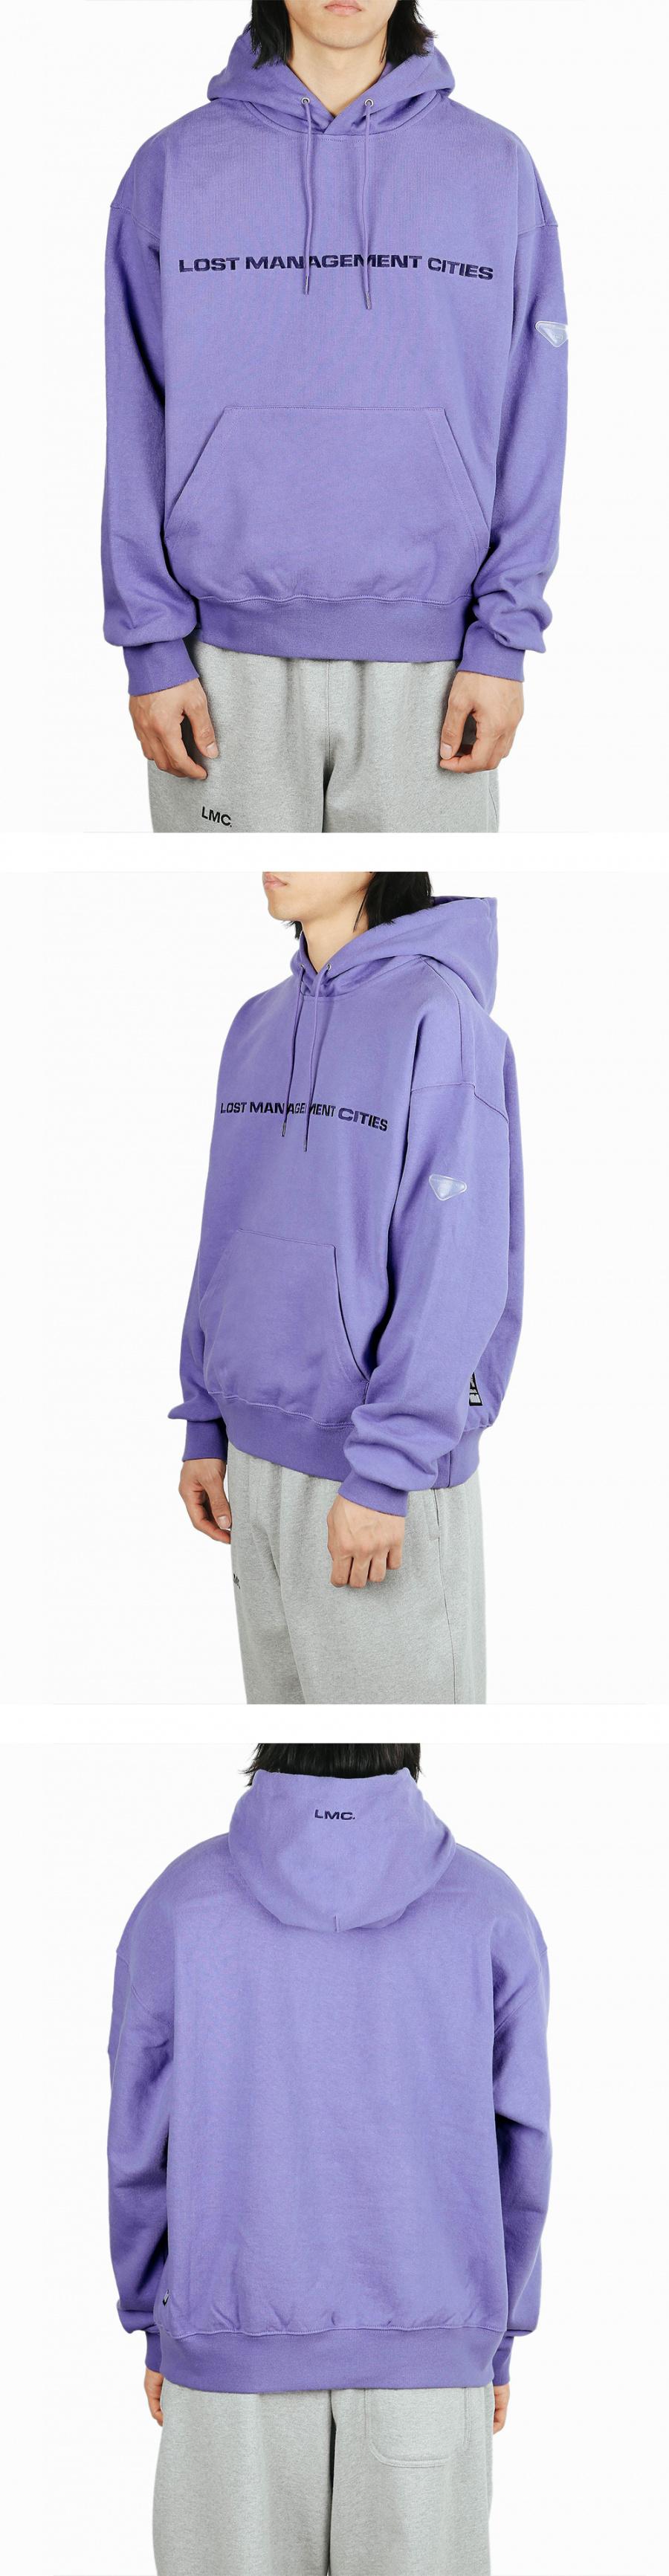 엘엠씨(LMC) LMC CLEAR PATCH OVERSIZED HOODIE purple